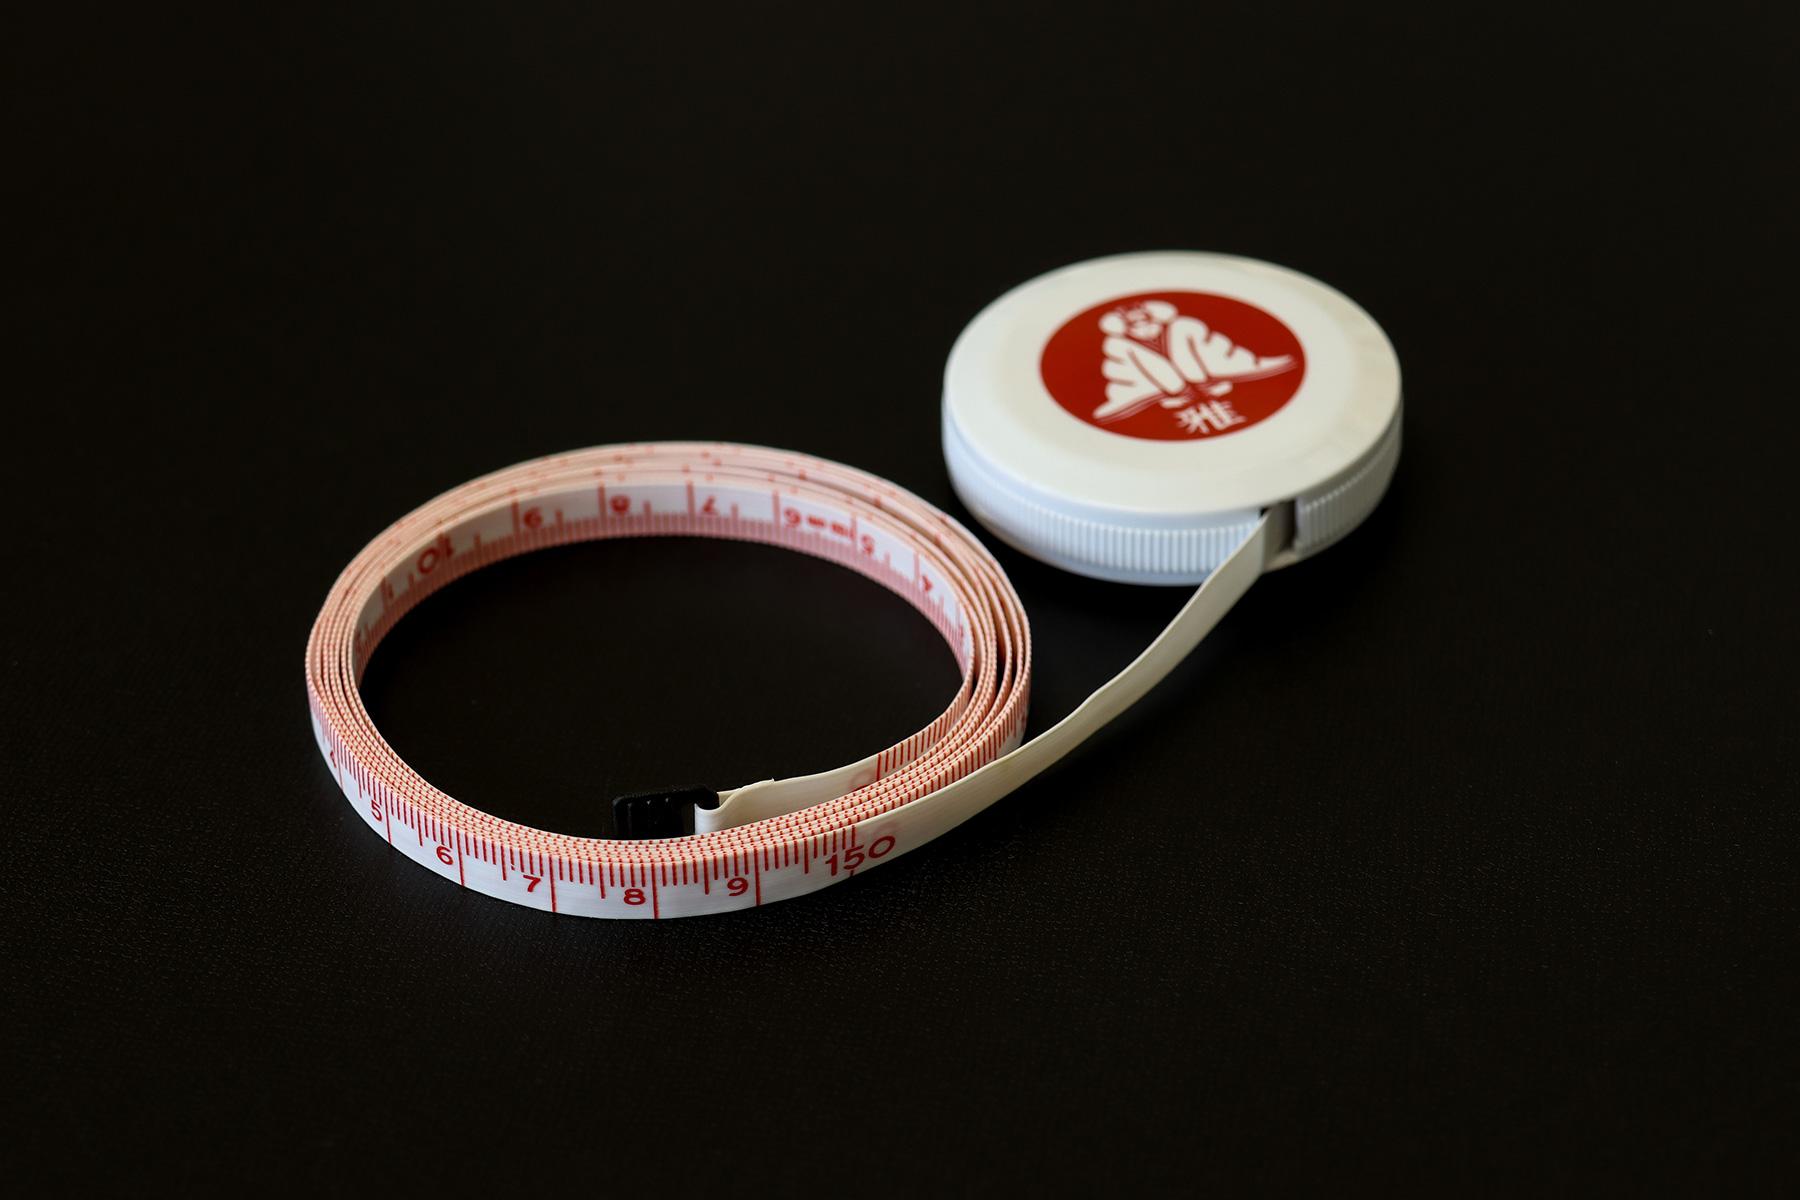 ラウンドメジャー02 150cmまで計測可能